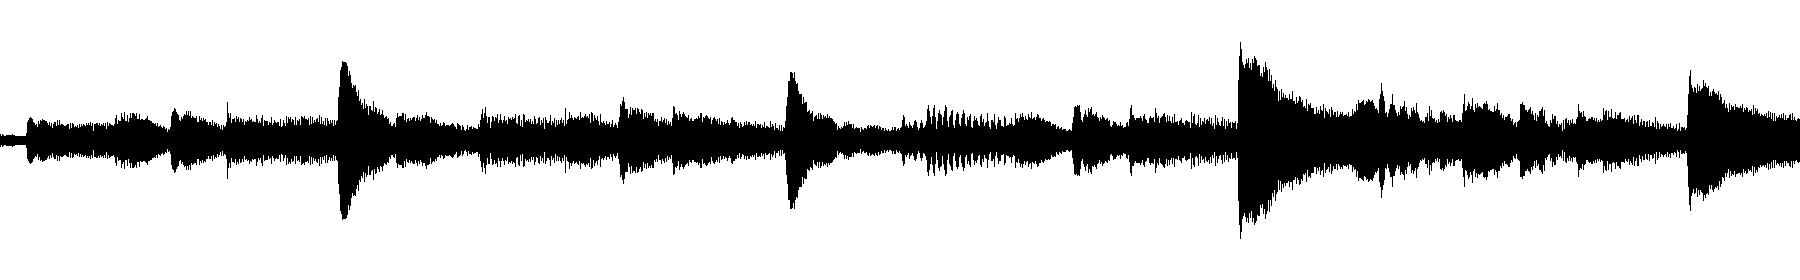 85 d harp 09 sp